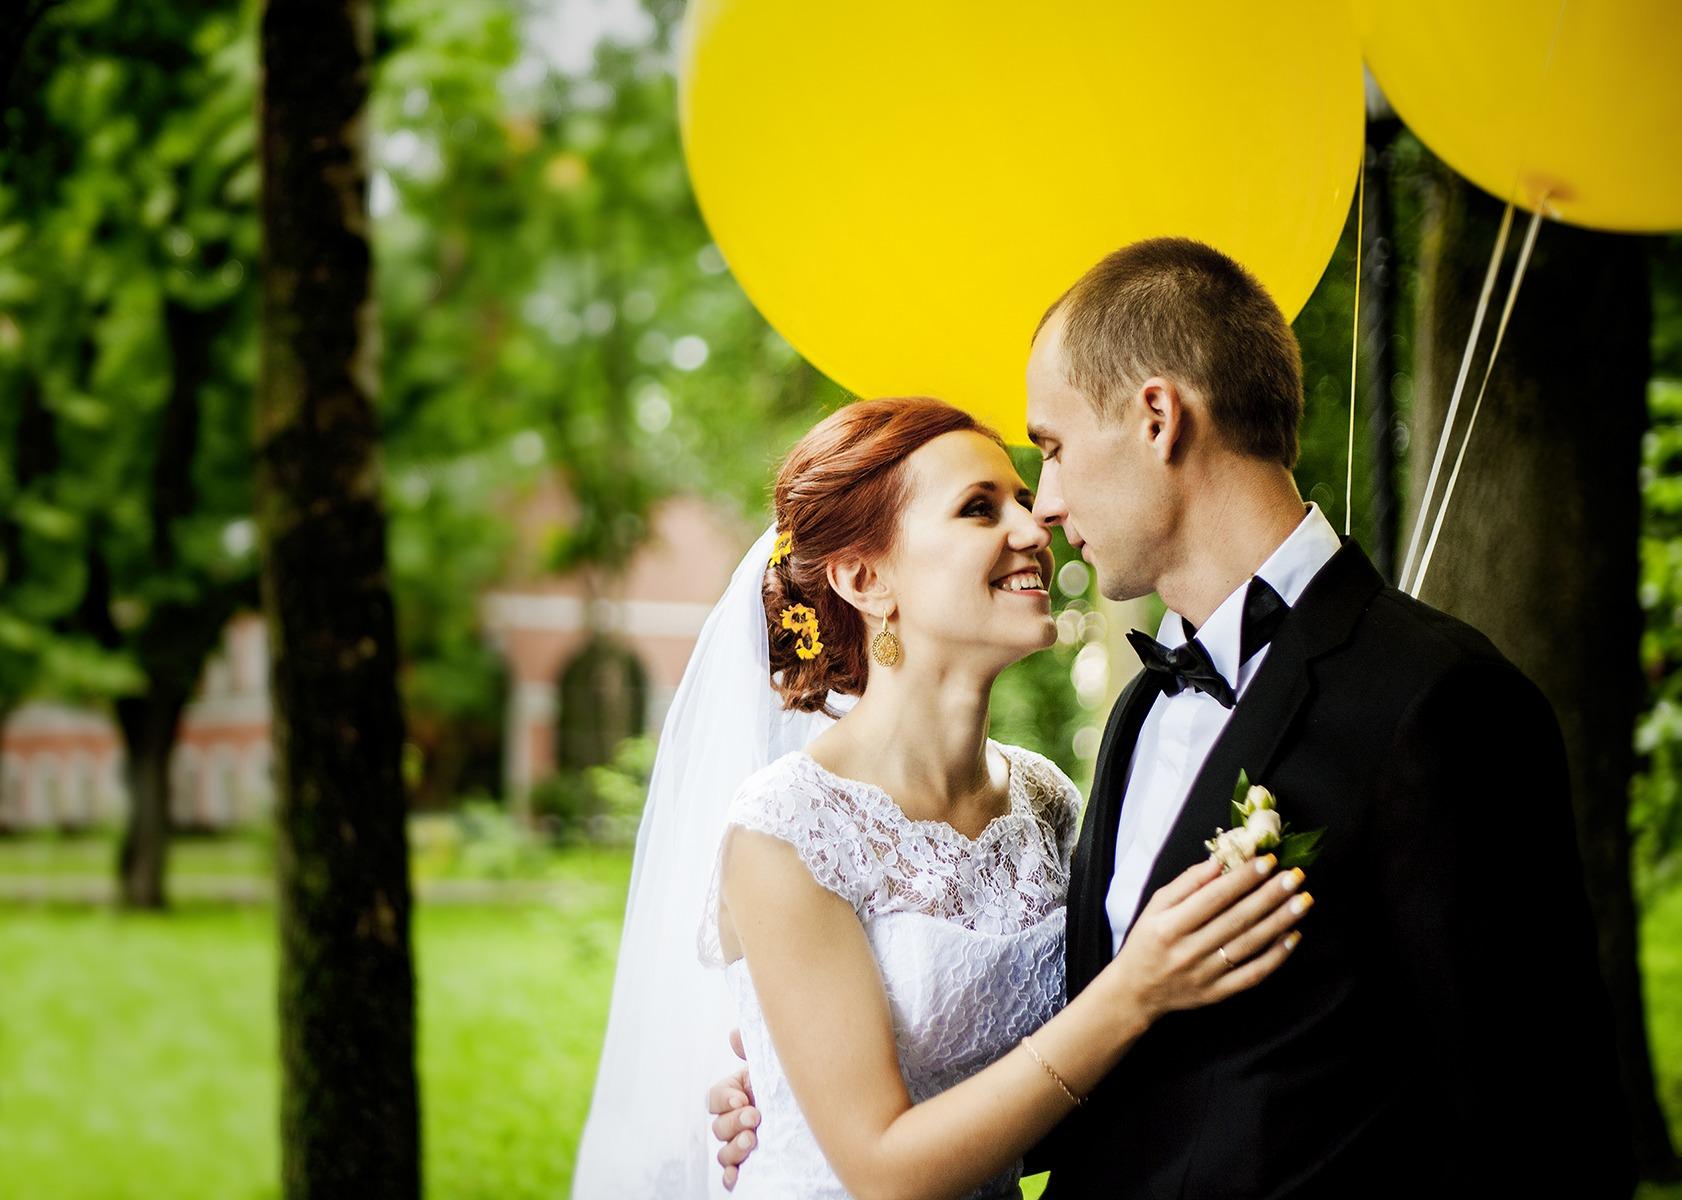 сделать где найти фотографа на свадьбу гомель отказался, что был